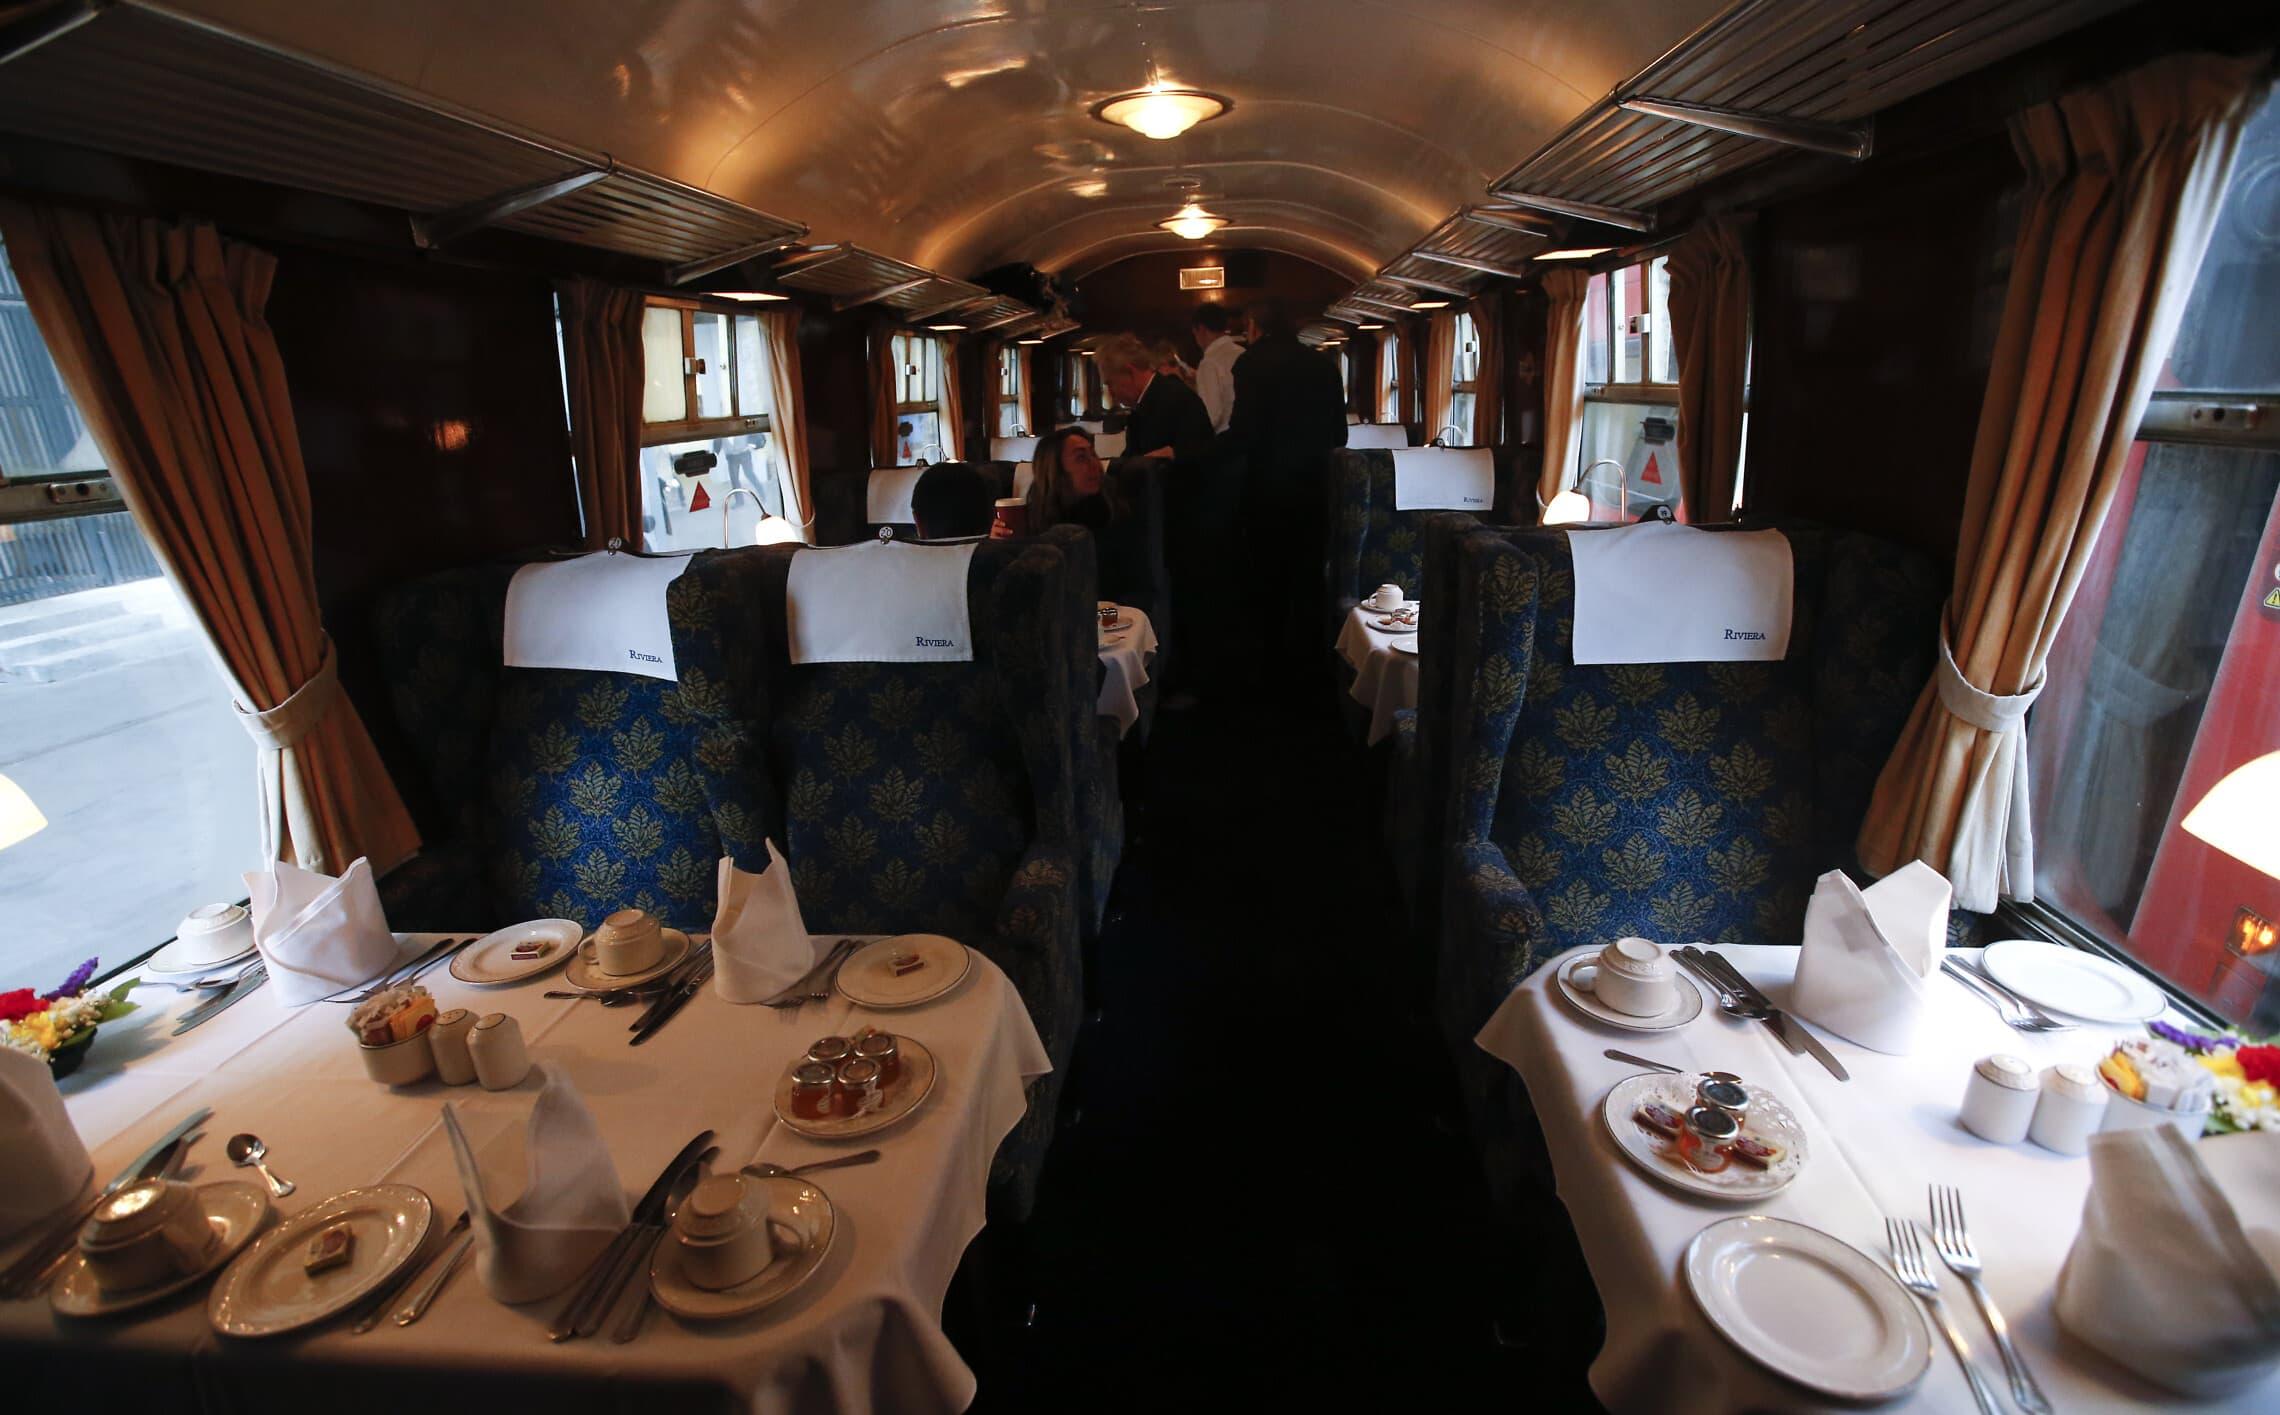 קרון האוכל ברכבת הסקוטי המעופף בנסיעתה לשום מקום, 25 בפברואר 2020 (צילום: AP Photo/Alastair Grant)